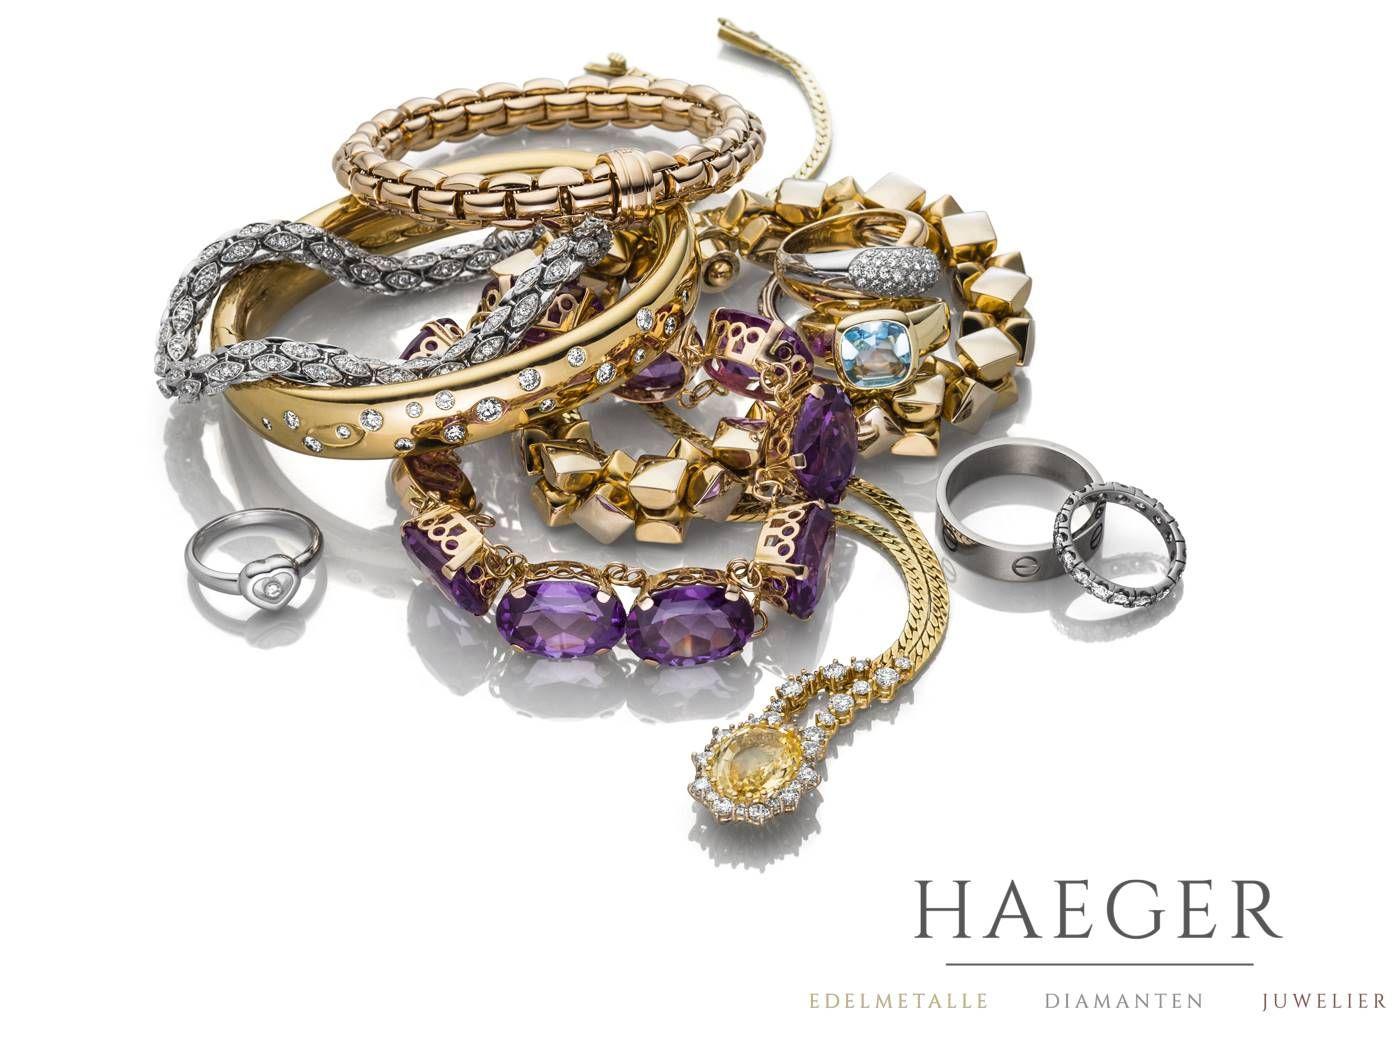 Die Haeger Gmbh Fachlich Versiert Kundenorientiert Und Diskret Gold Verkaufen Juwelier Goldschmuck